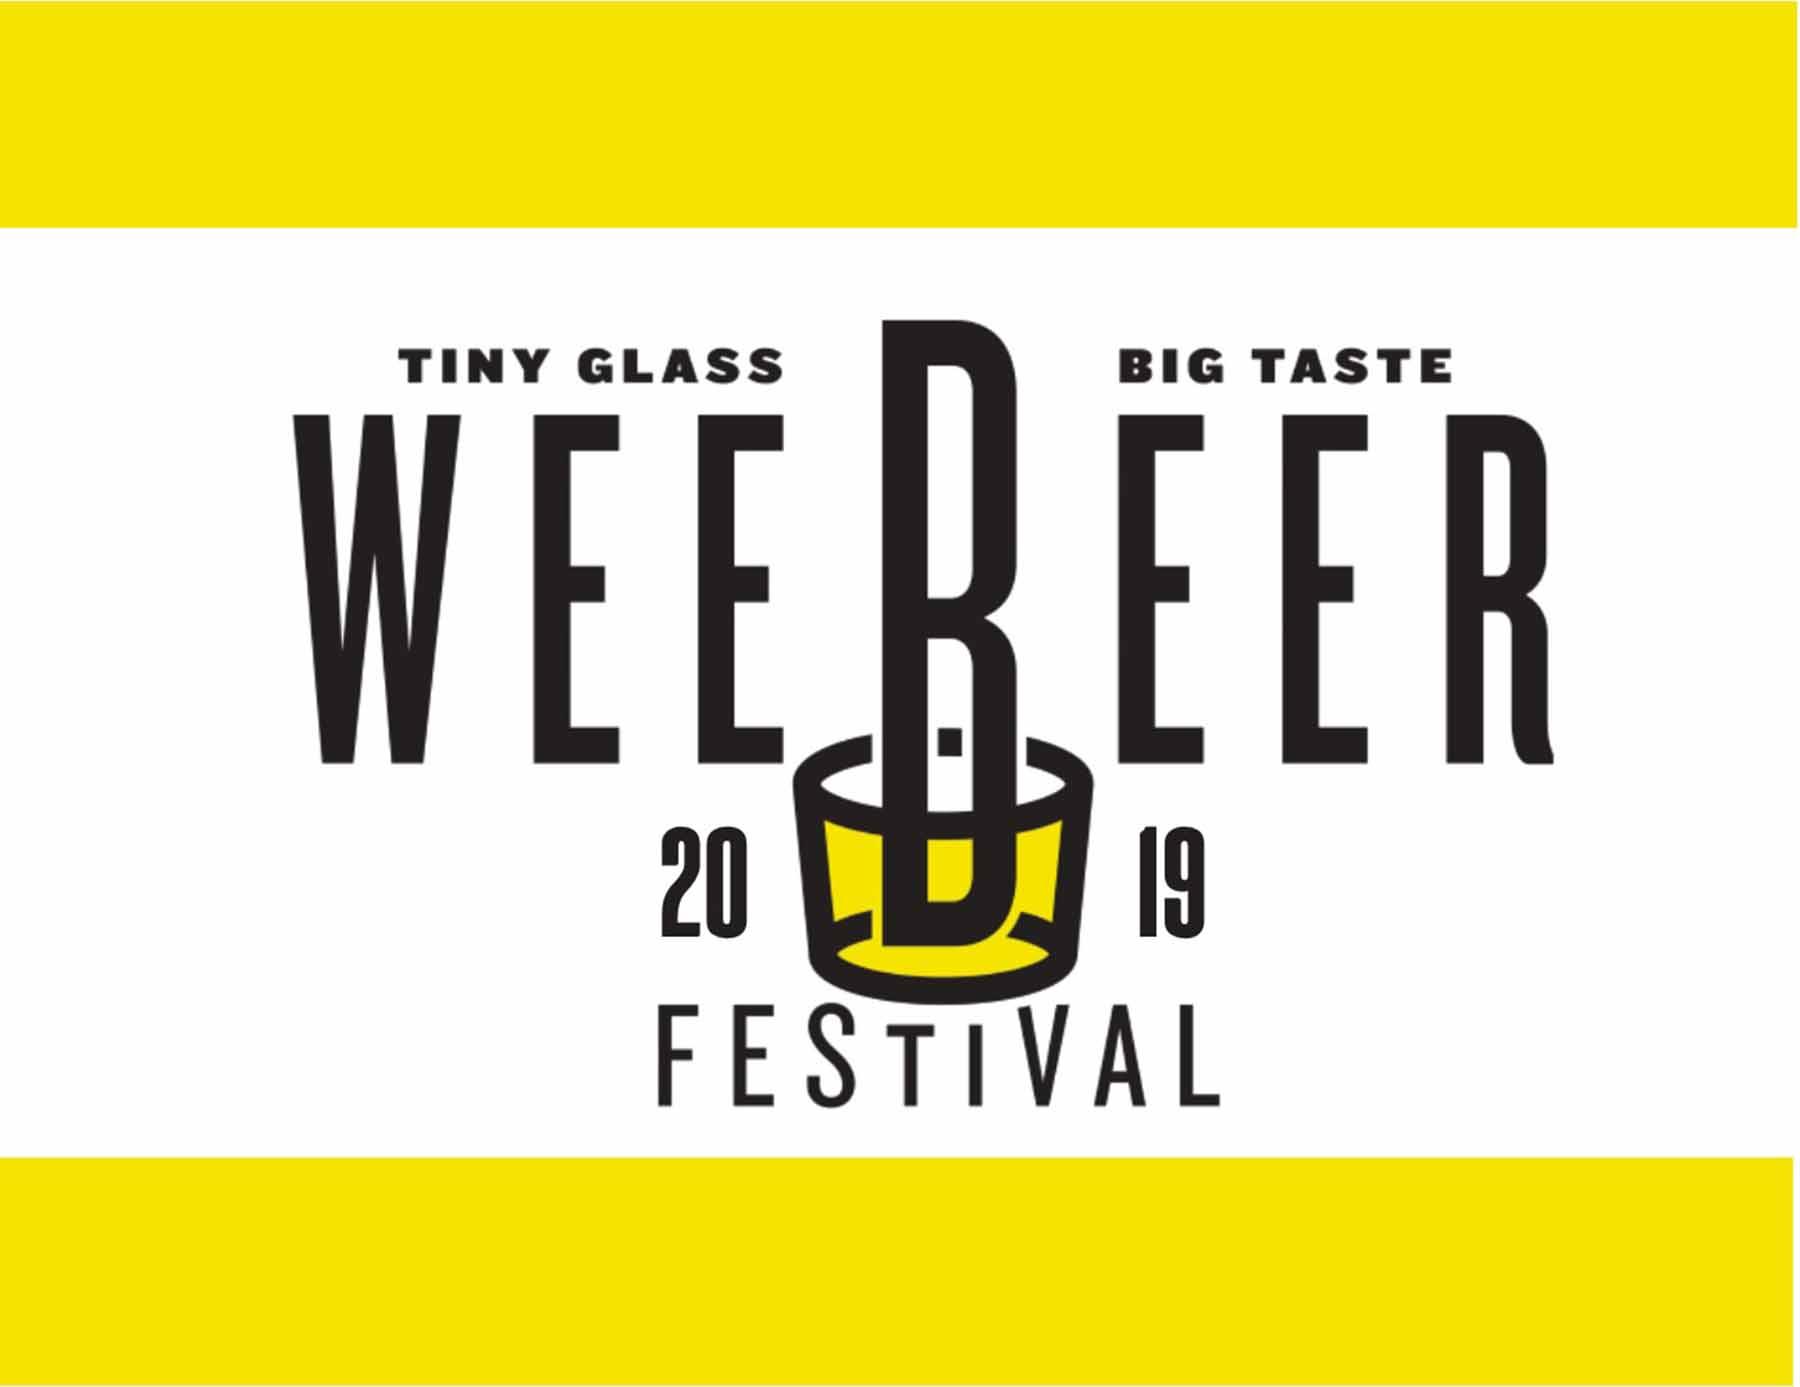 wee beer festival